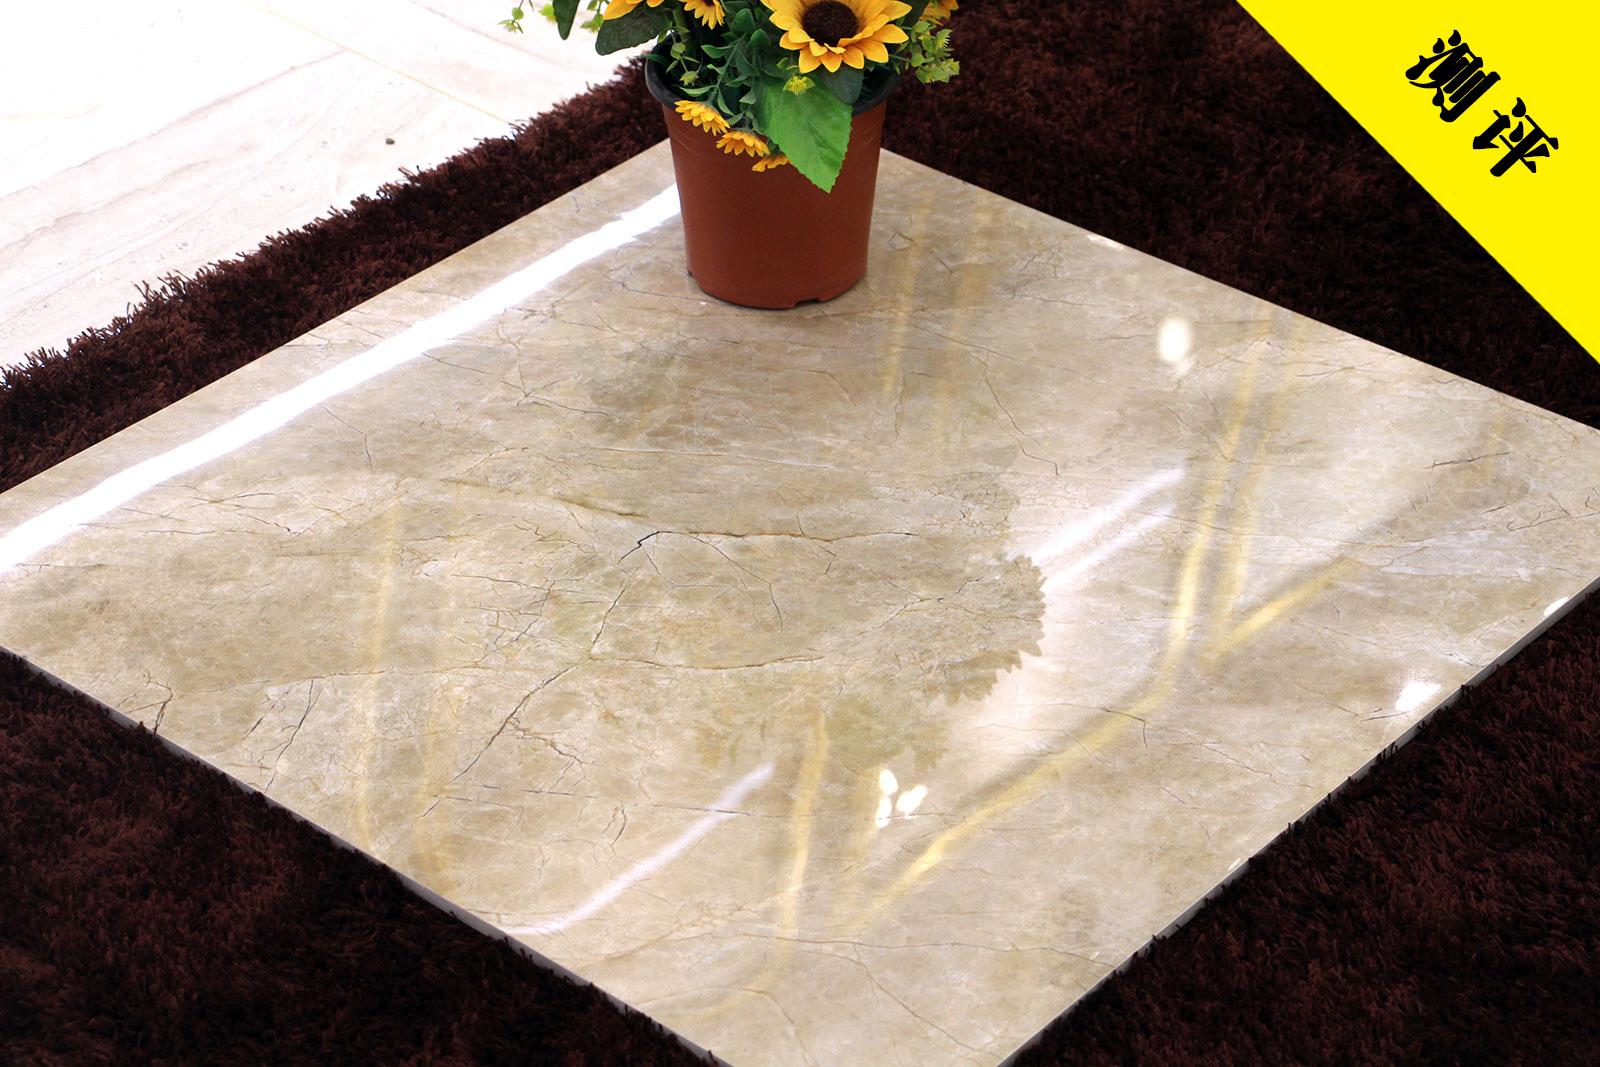 美陶瓷砖839460地砖测评 一款走心的工艺地砖